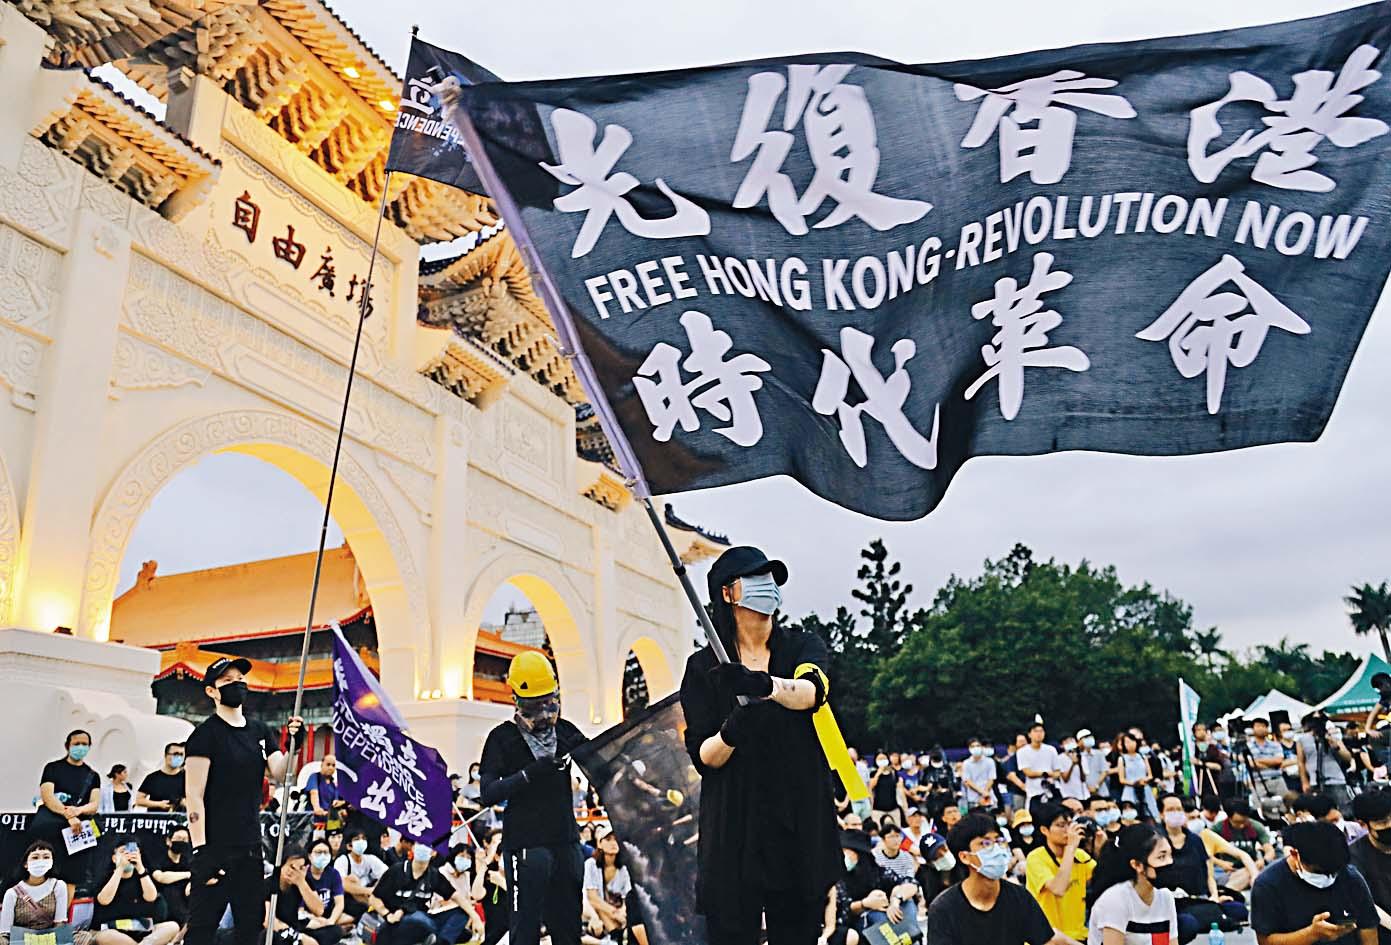 去年在台北舉行的聲援香港活動。